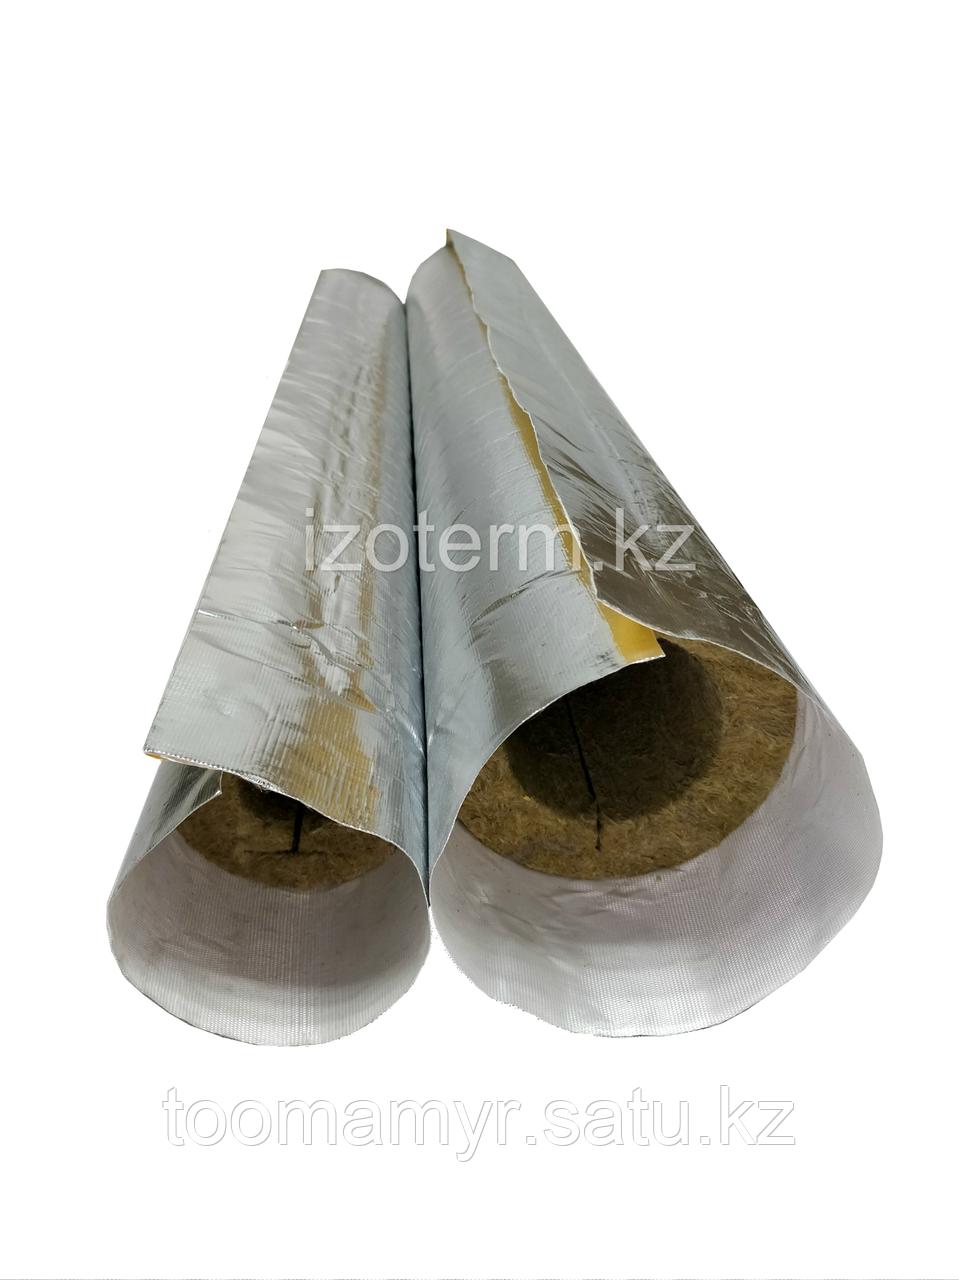 Цилиндр IZOTERM с покрытием фольма-ткань  для уличного применения